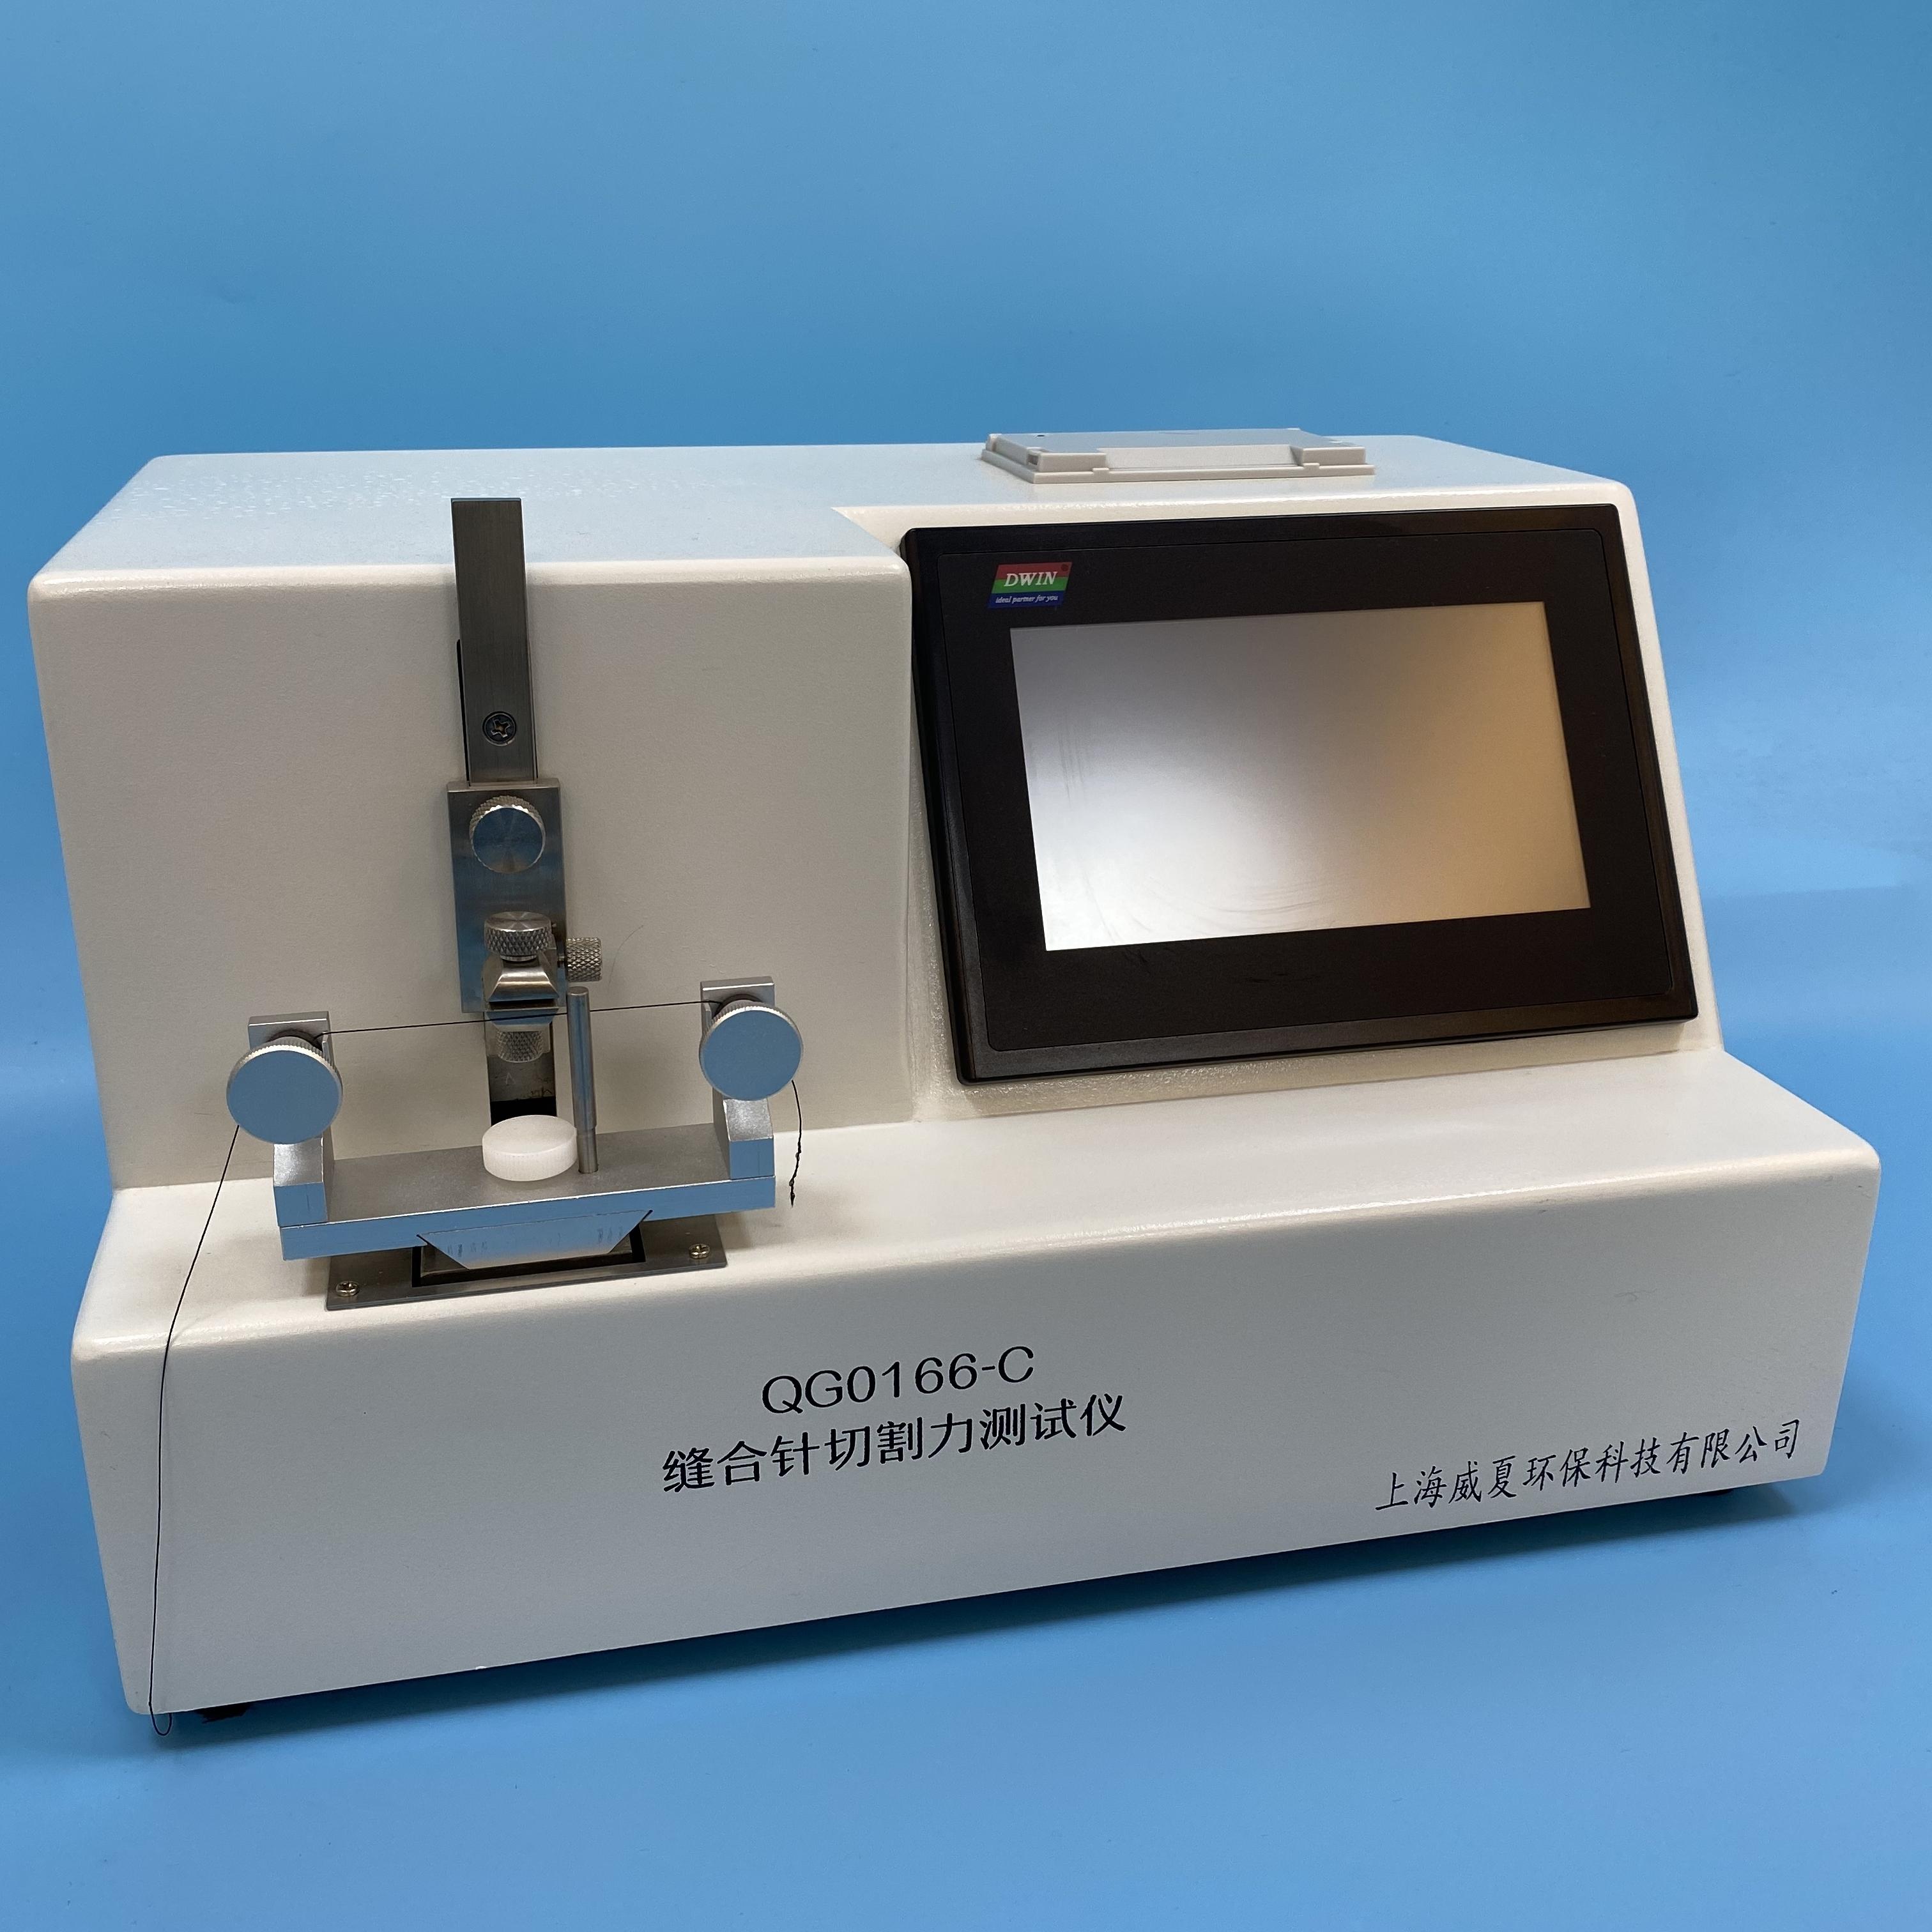 缝合针三角刃口锋利度测试仪